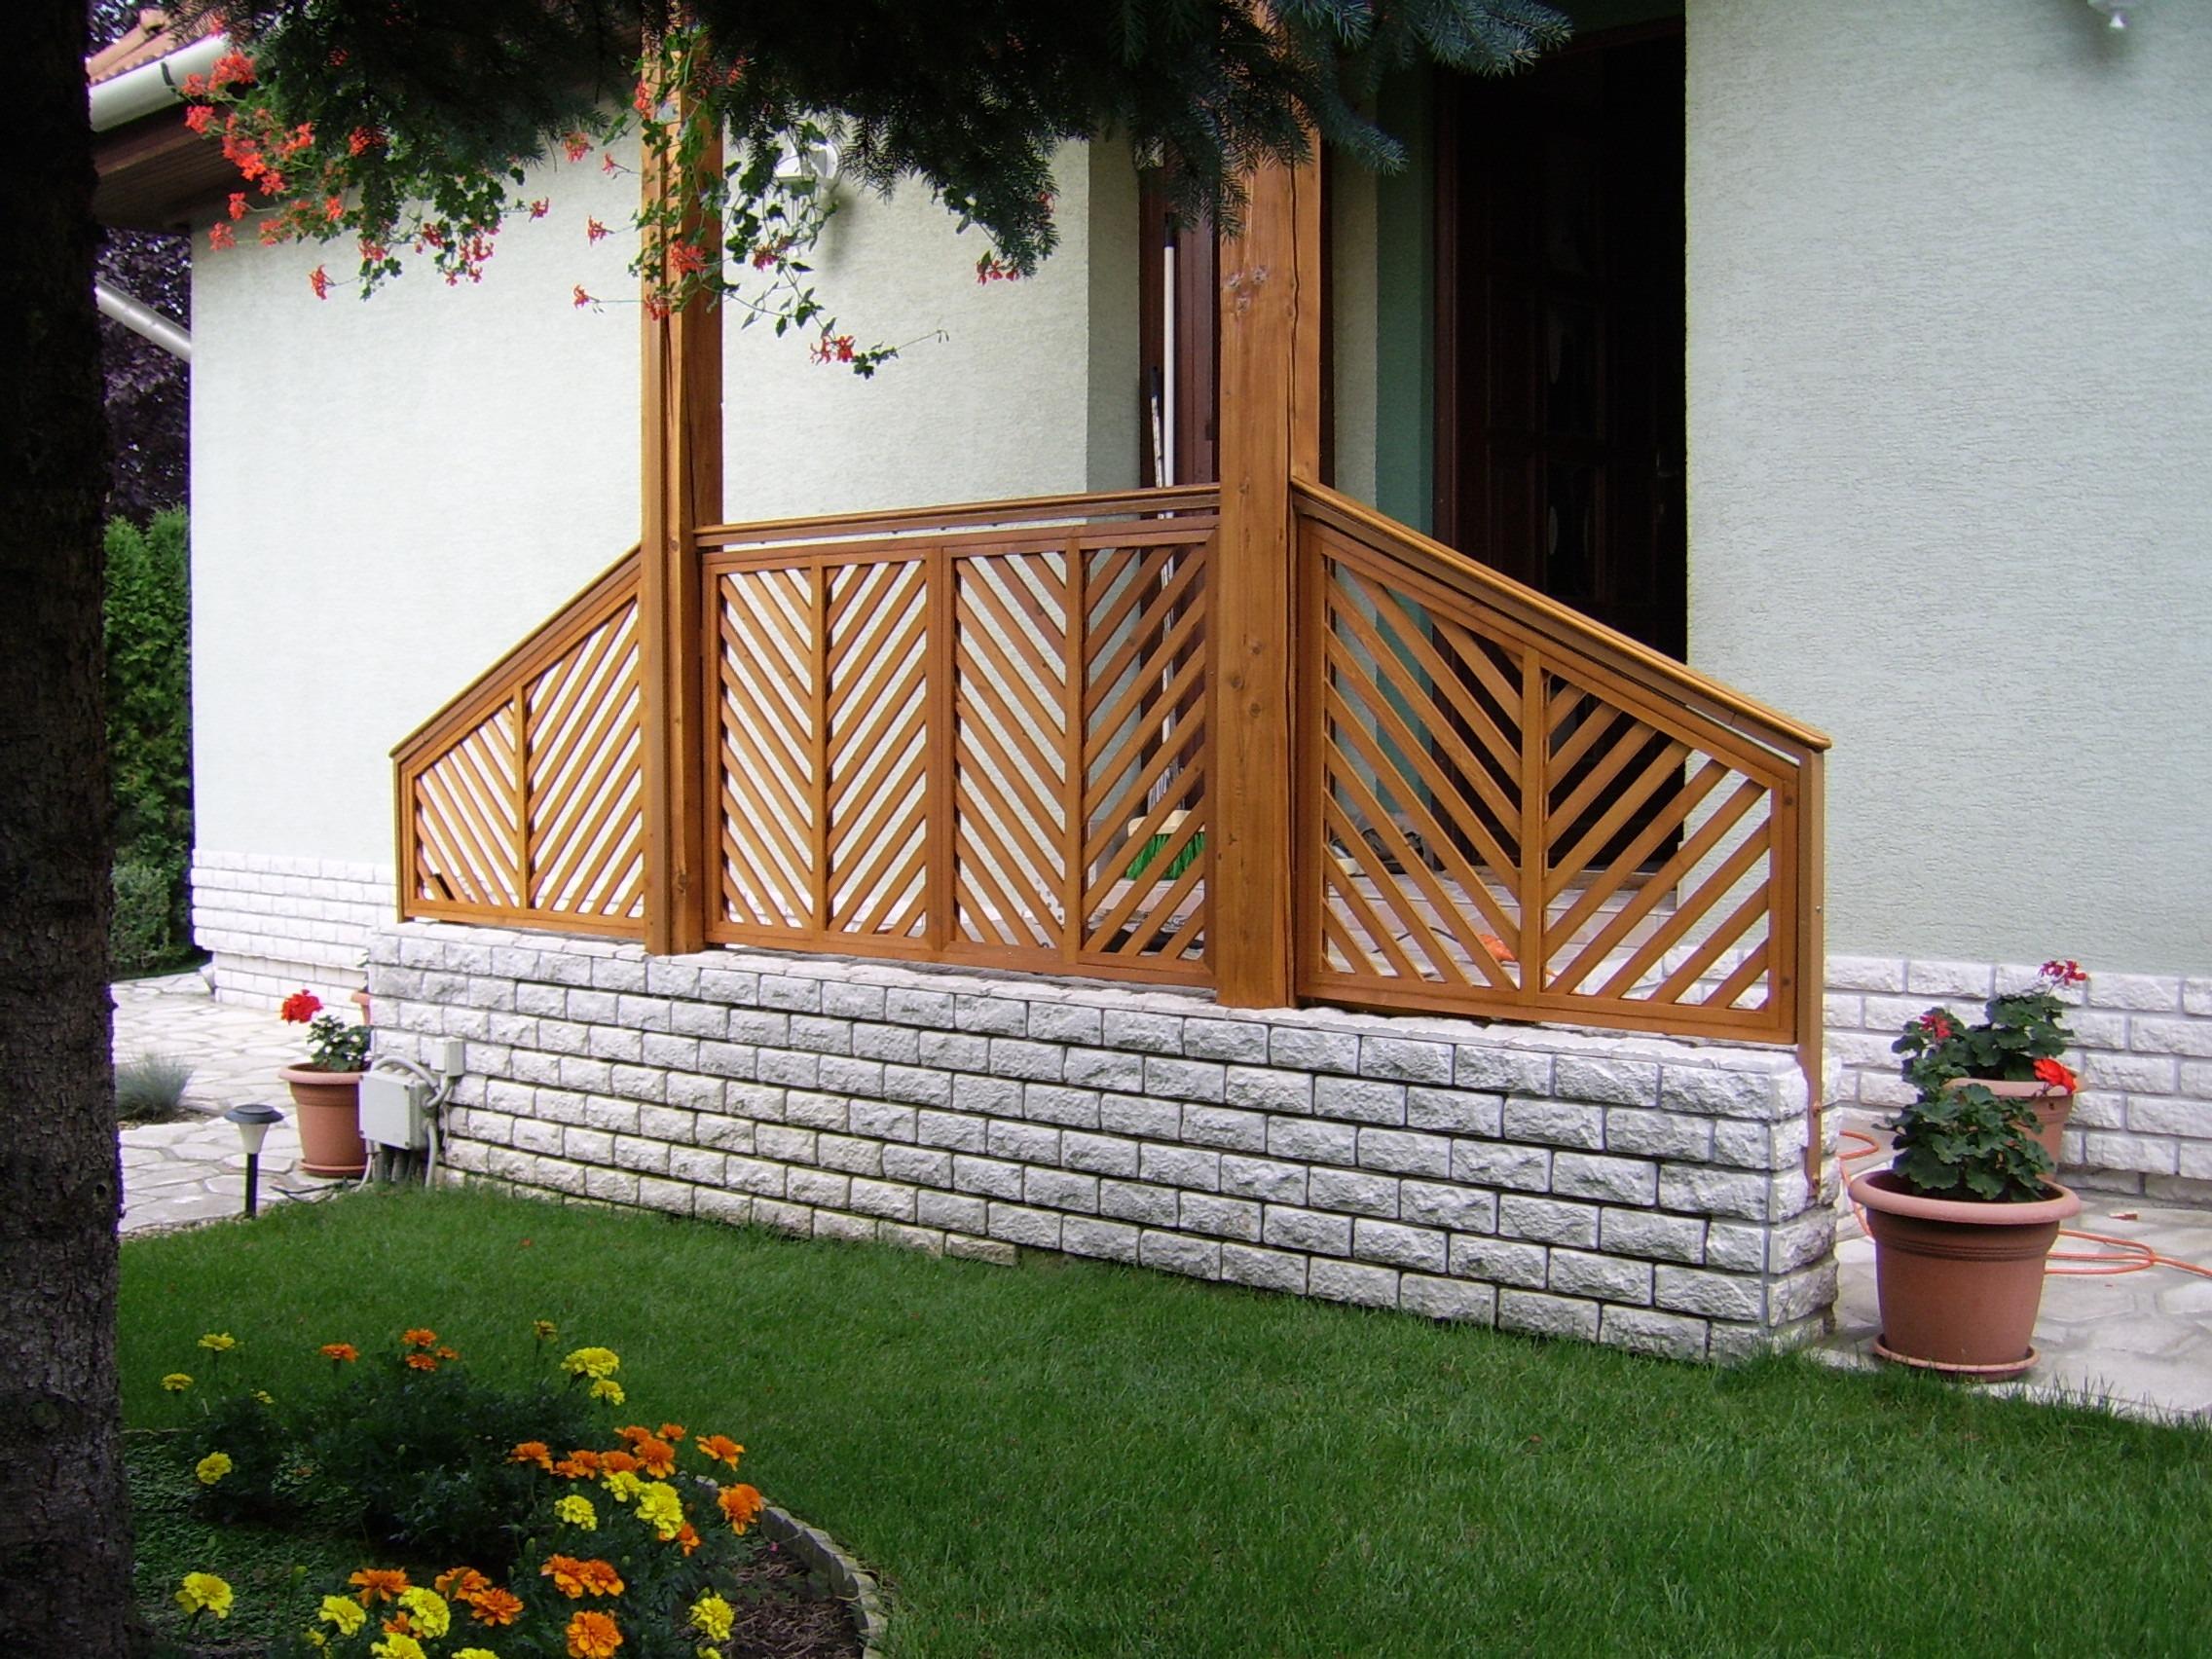 Kostenlose foto Zaun Holz Rasen Gebäude Mauer Veranda